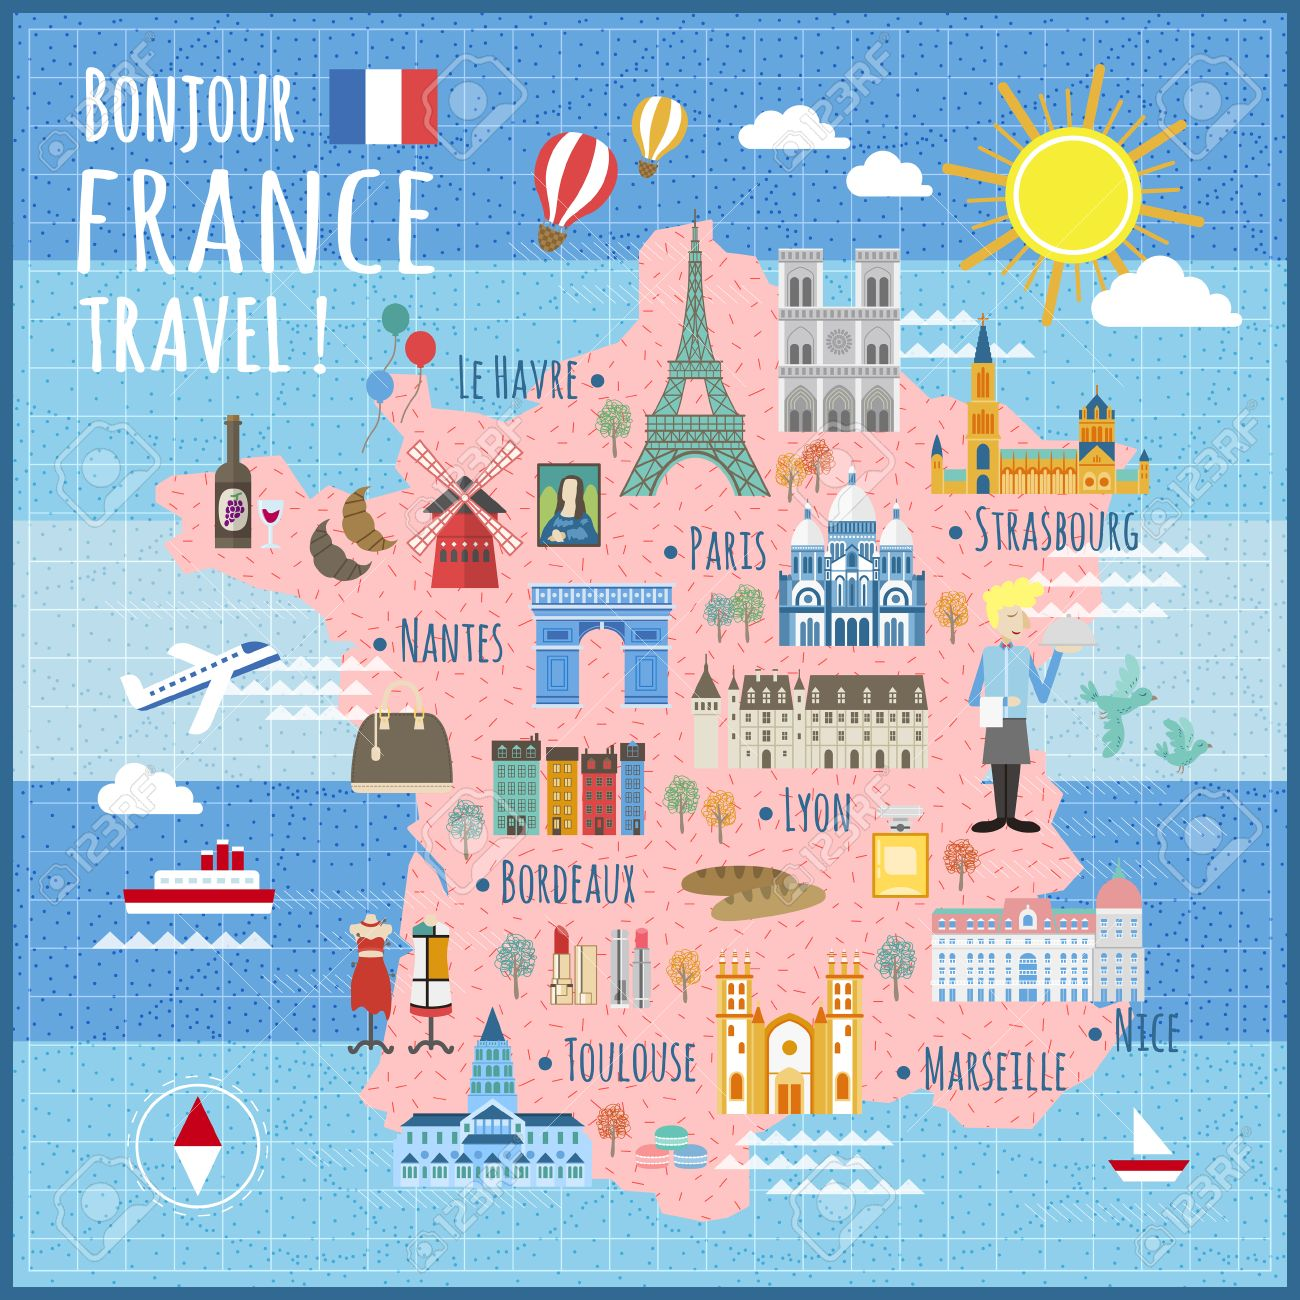 Cartina Della Francia Con Monumenti.Vettoriale Attraente Francia Mappa Con Attrazioni E Specialita Image 53715753